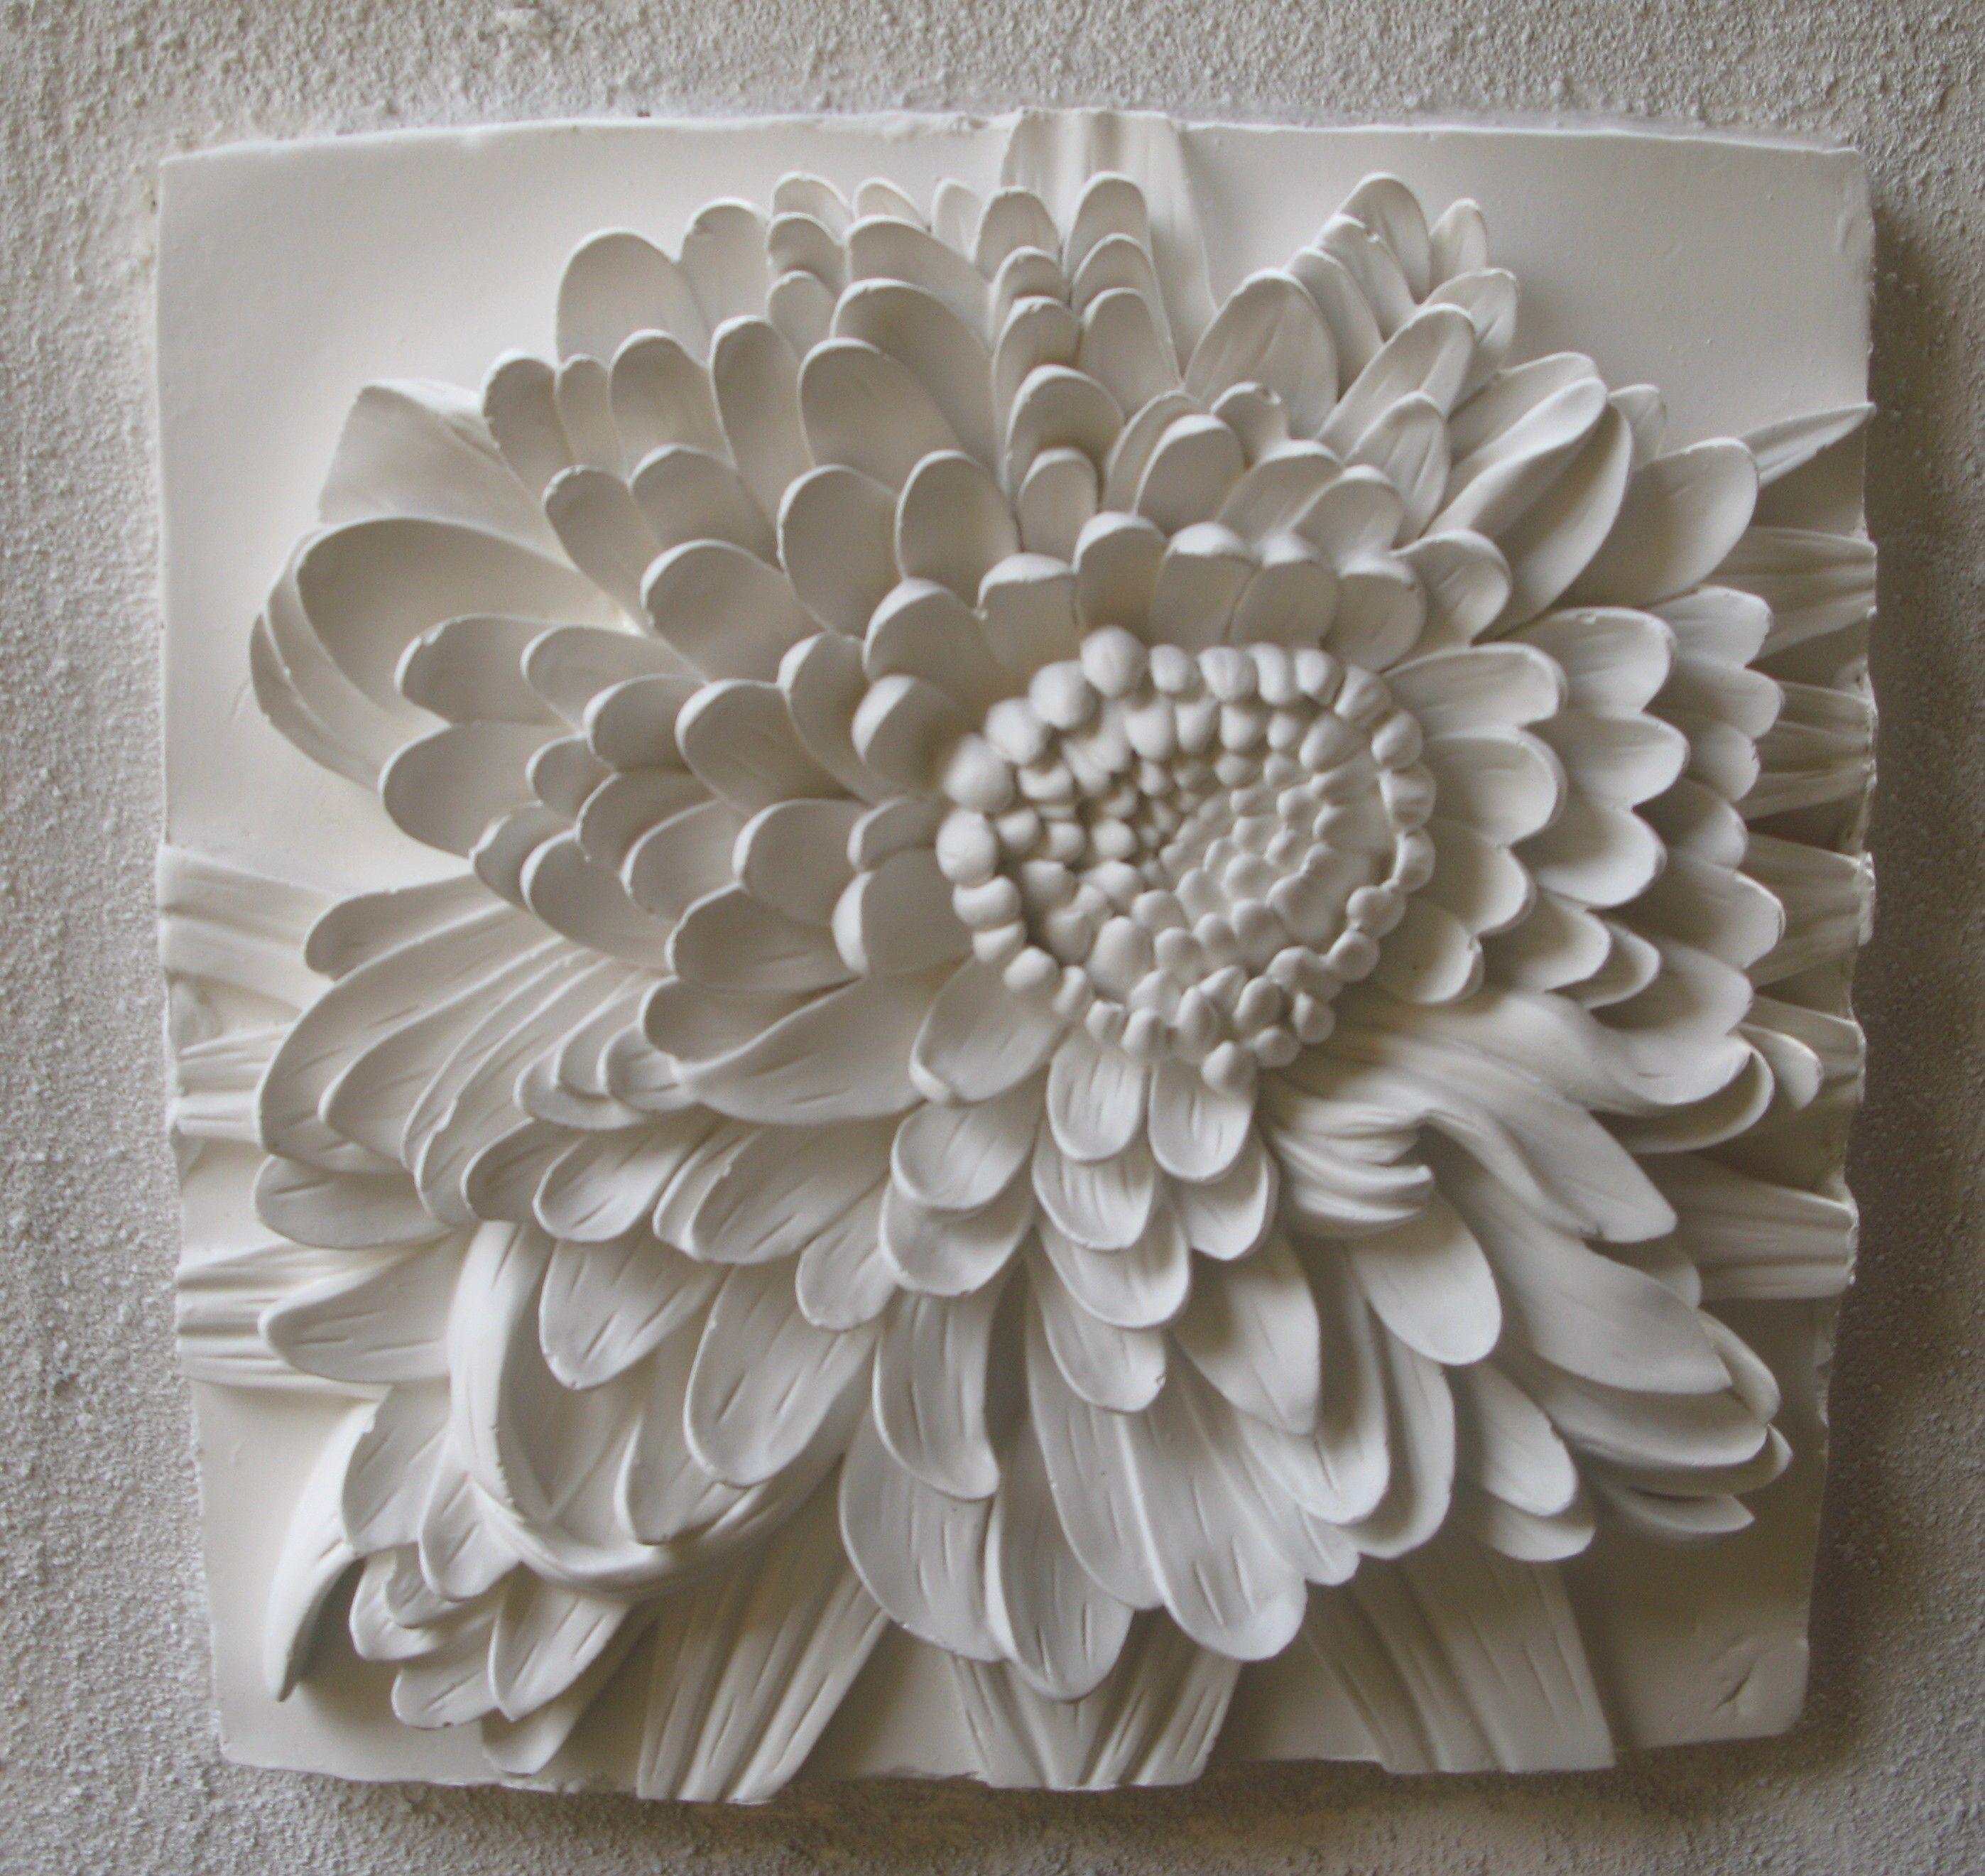 Chrysanyhemum 3d sculptural art on canvas wall art